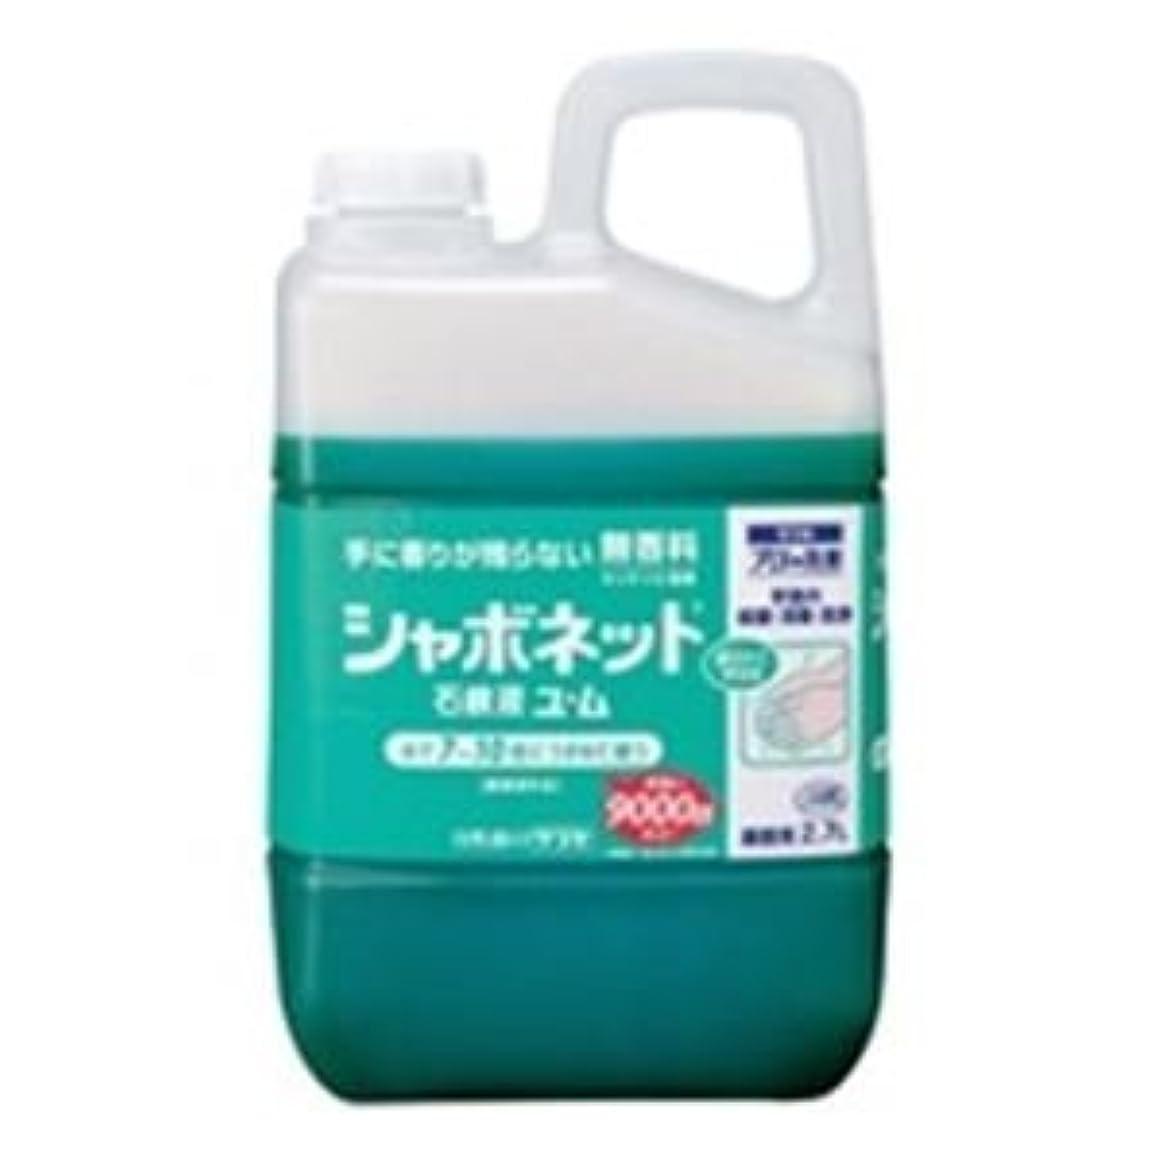 リクルートお手入れ取り壊す( お徳用 5セット ) 東京サラヤ シャボネット 石鹸液ユ?ム 2.7L